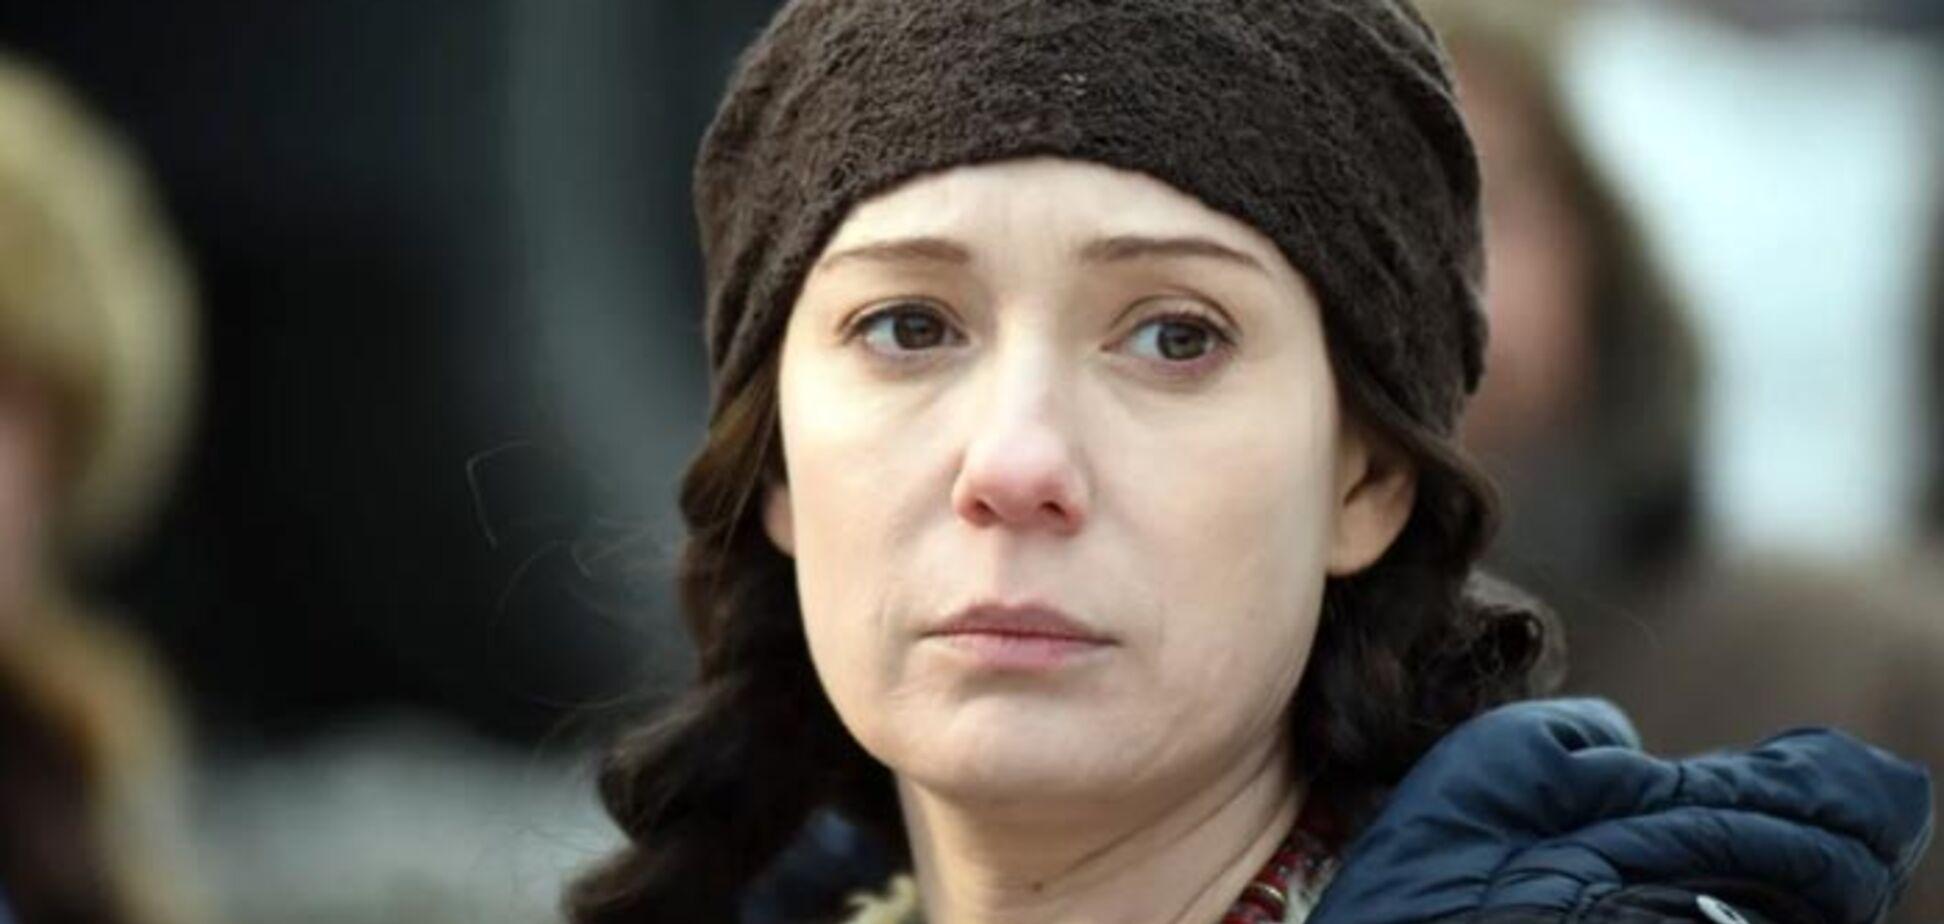 Звезда 'Зулейха открывает глаза' высказалась о скандале вокруг сериала